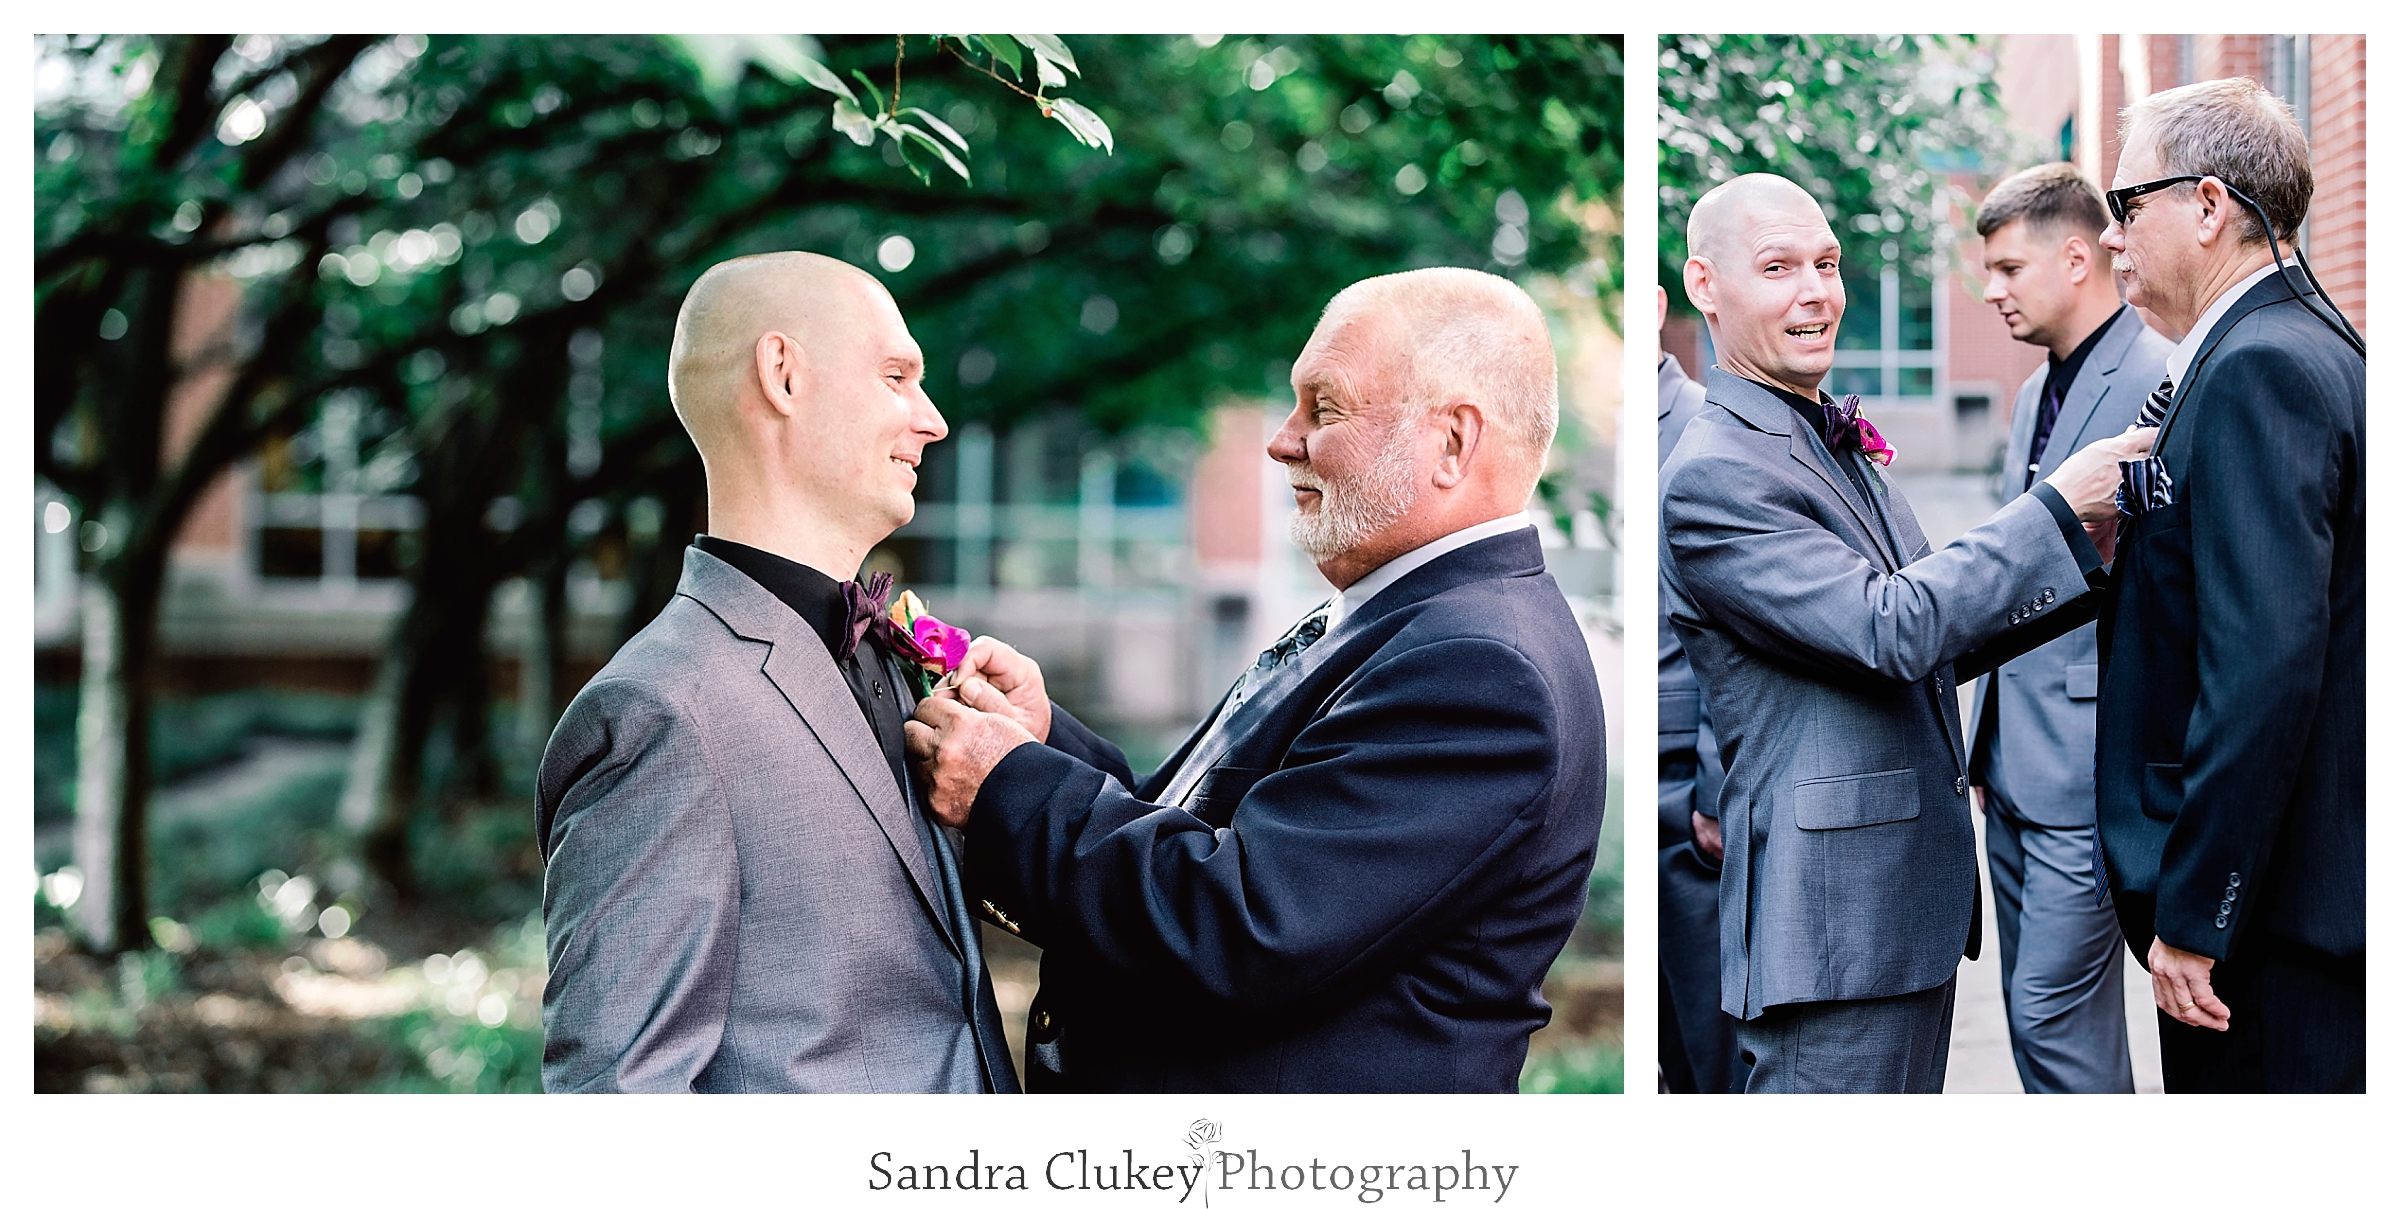 Sandra Clukey Photography_1819.jpg